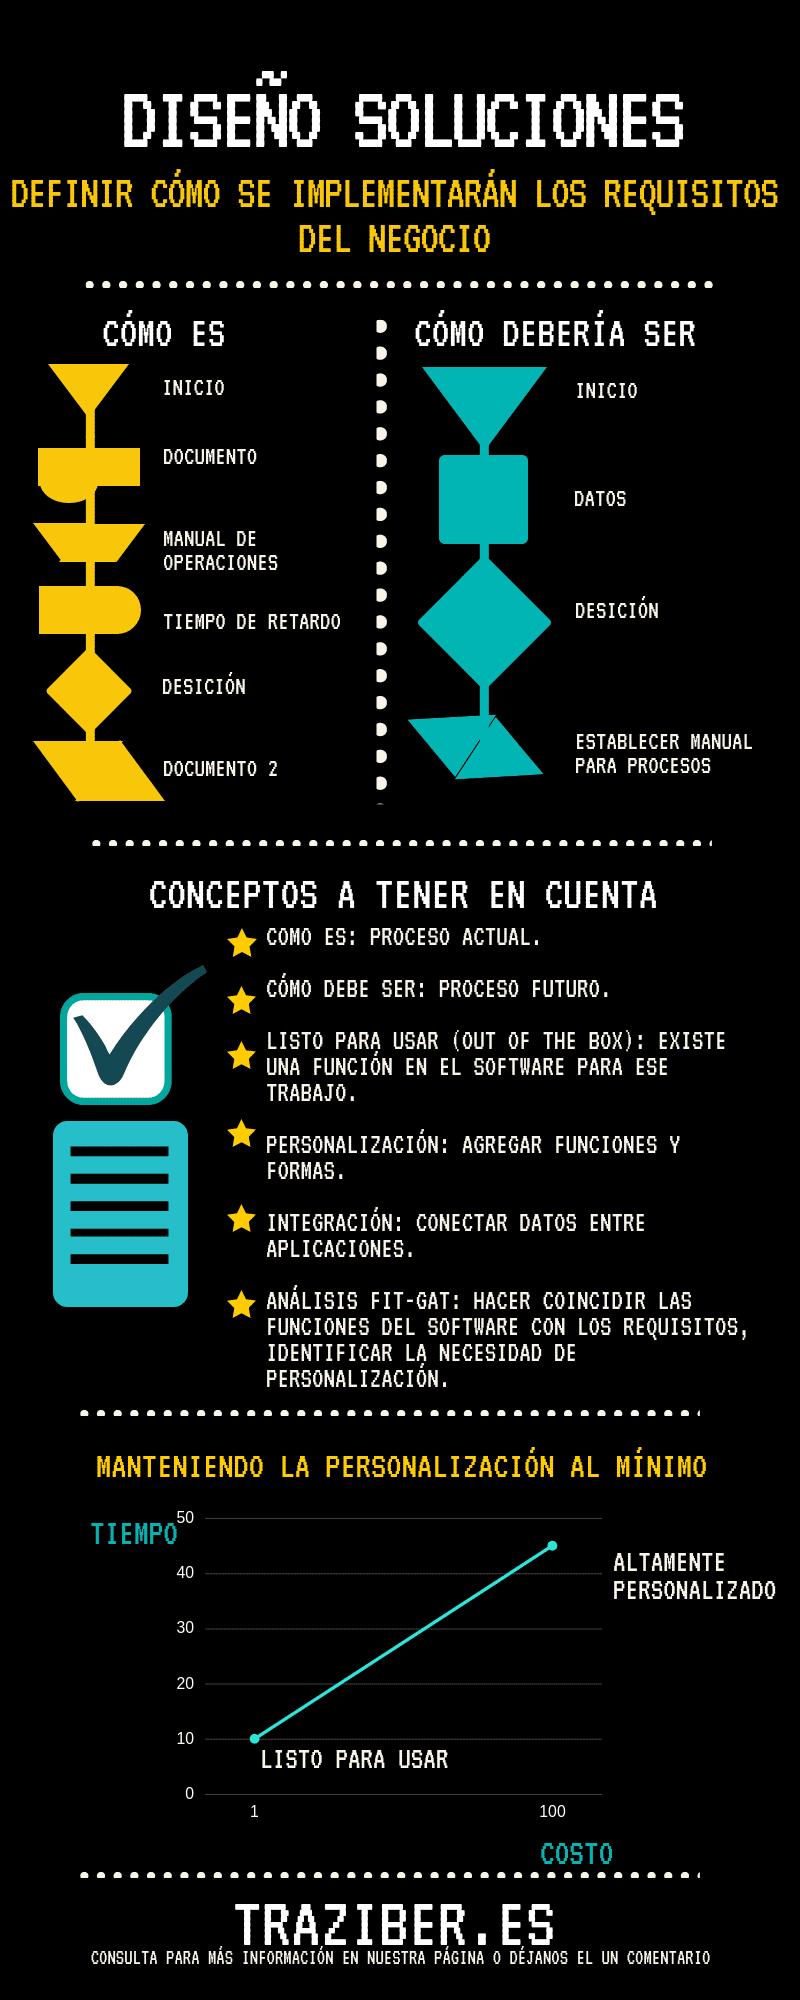 Diseño soluciones